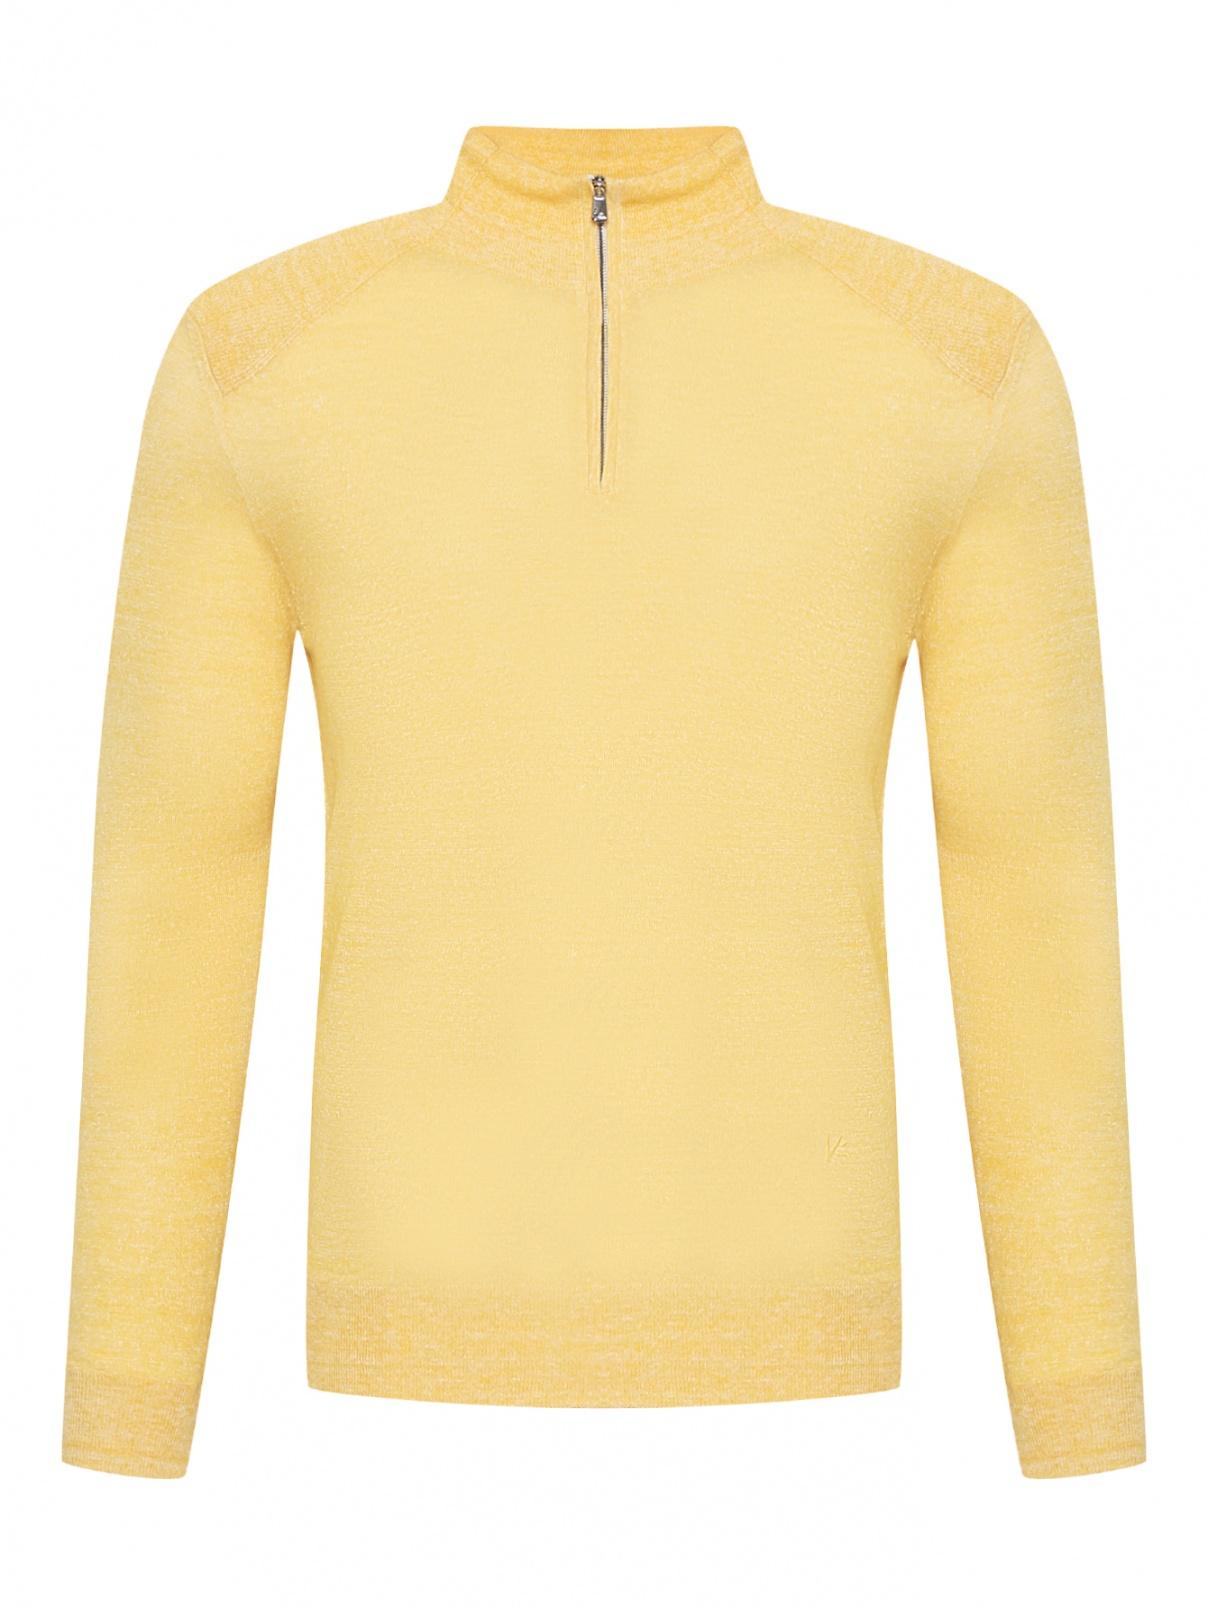 Джемпер из льна и хлопка Isaia  –  Общий вид  – Цвет:  Желтый